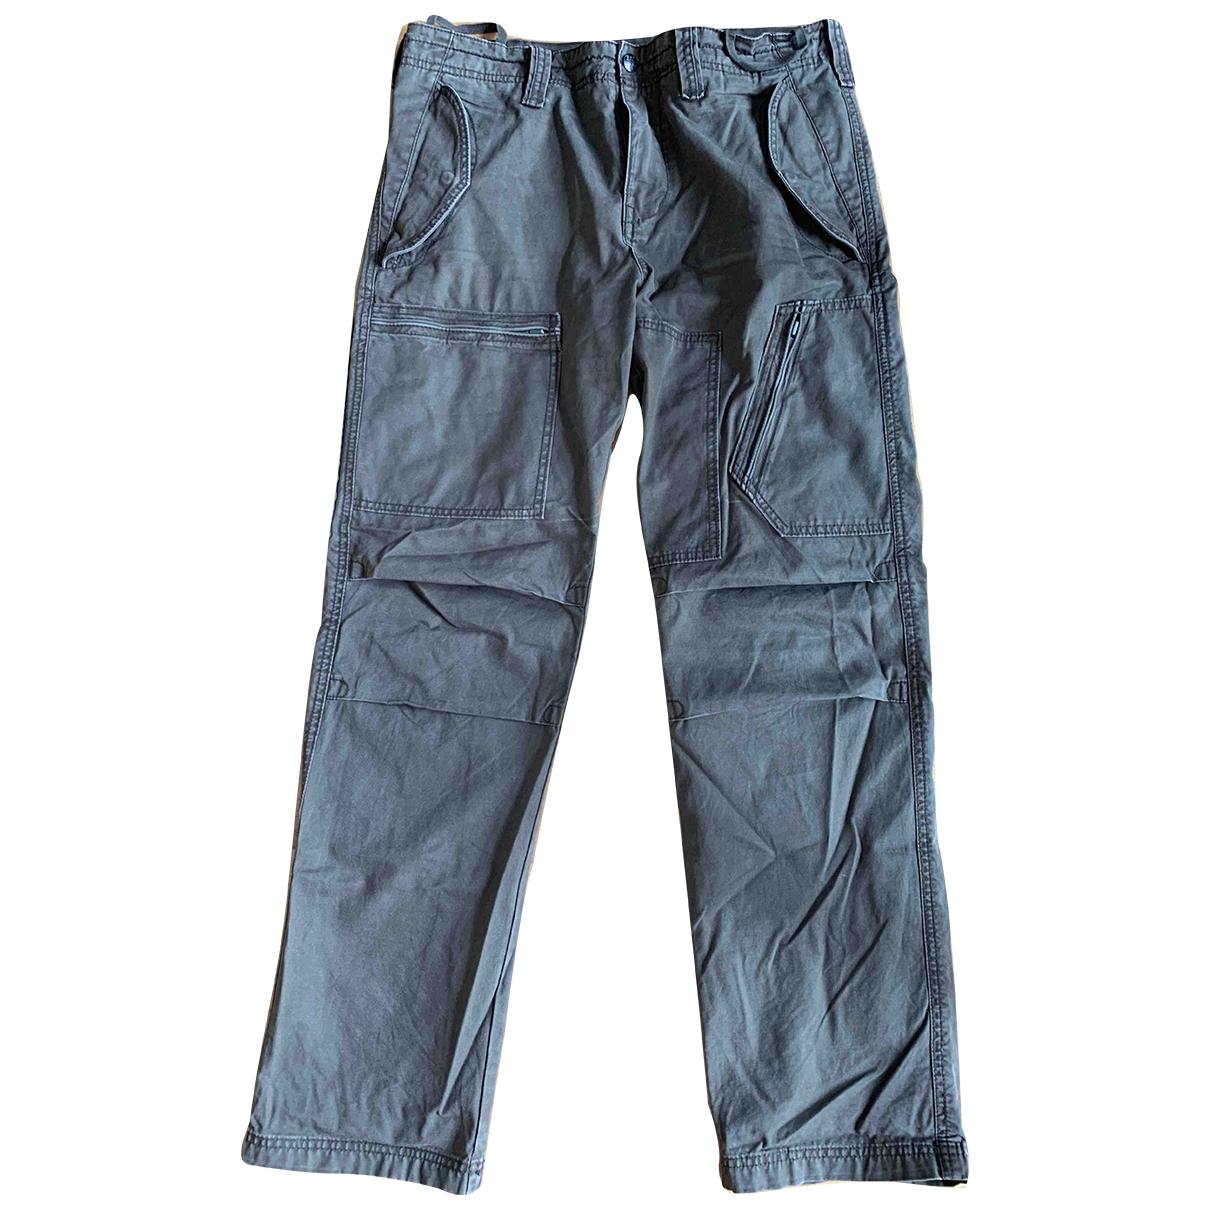 Pantalones en Algodon Caqui Dkny